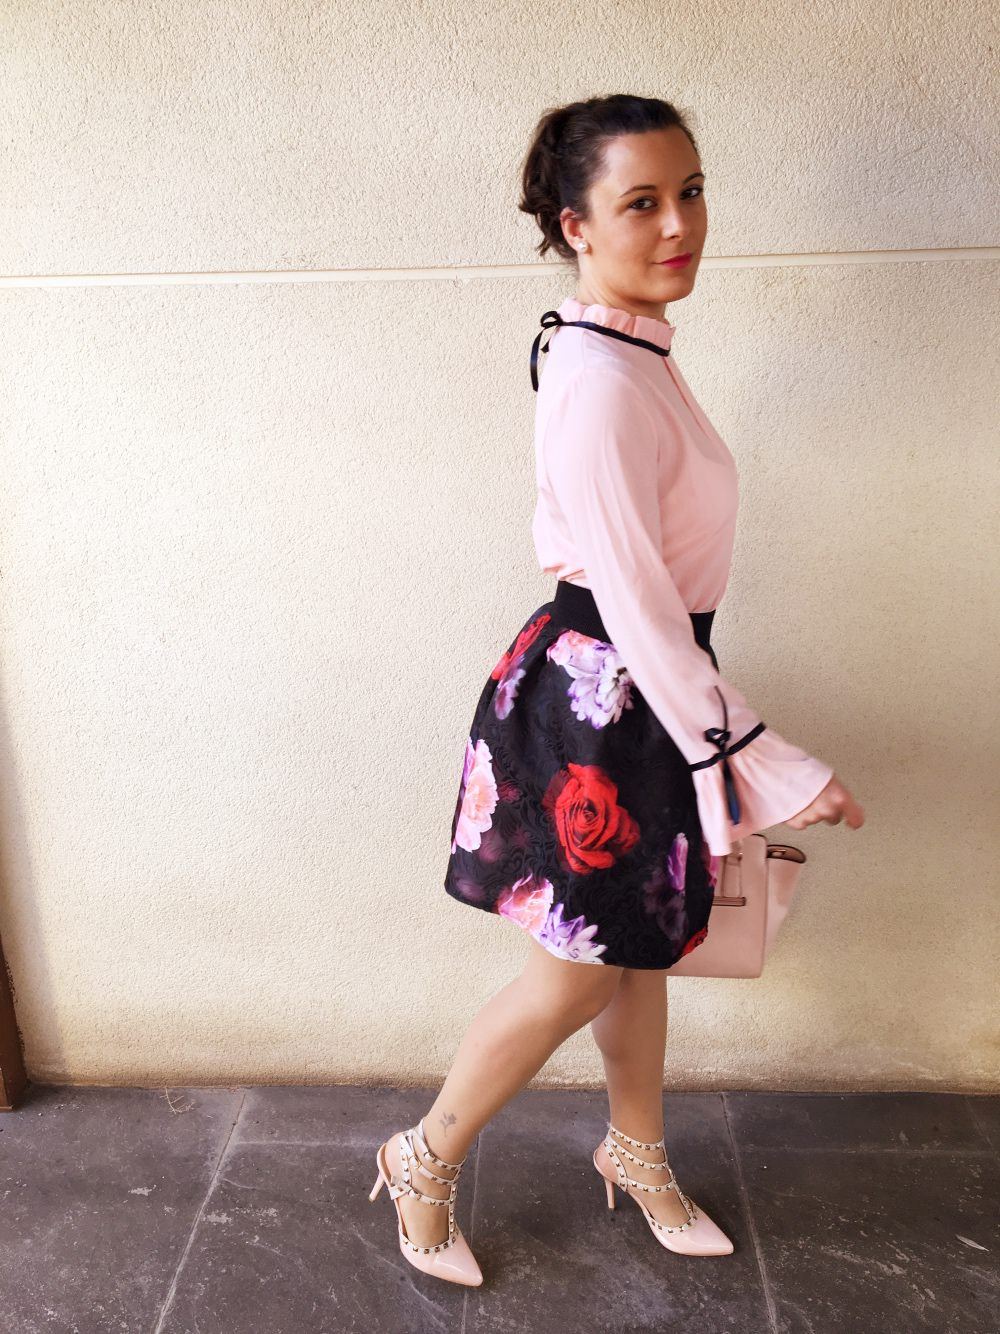 look_floresylazos_streetstyle_fashionblogger_mivestidoazul-com_influencer_blogdemoda_castellon_valencia_friendsfluencers7